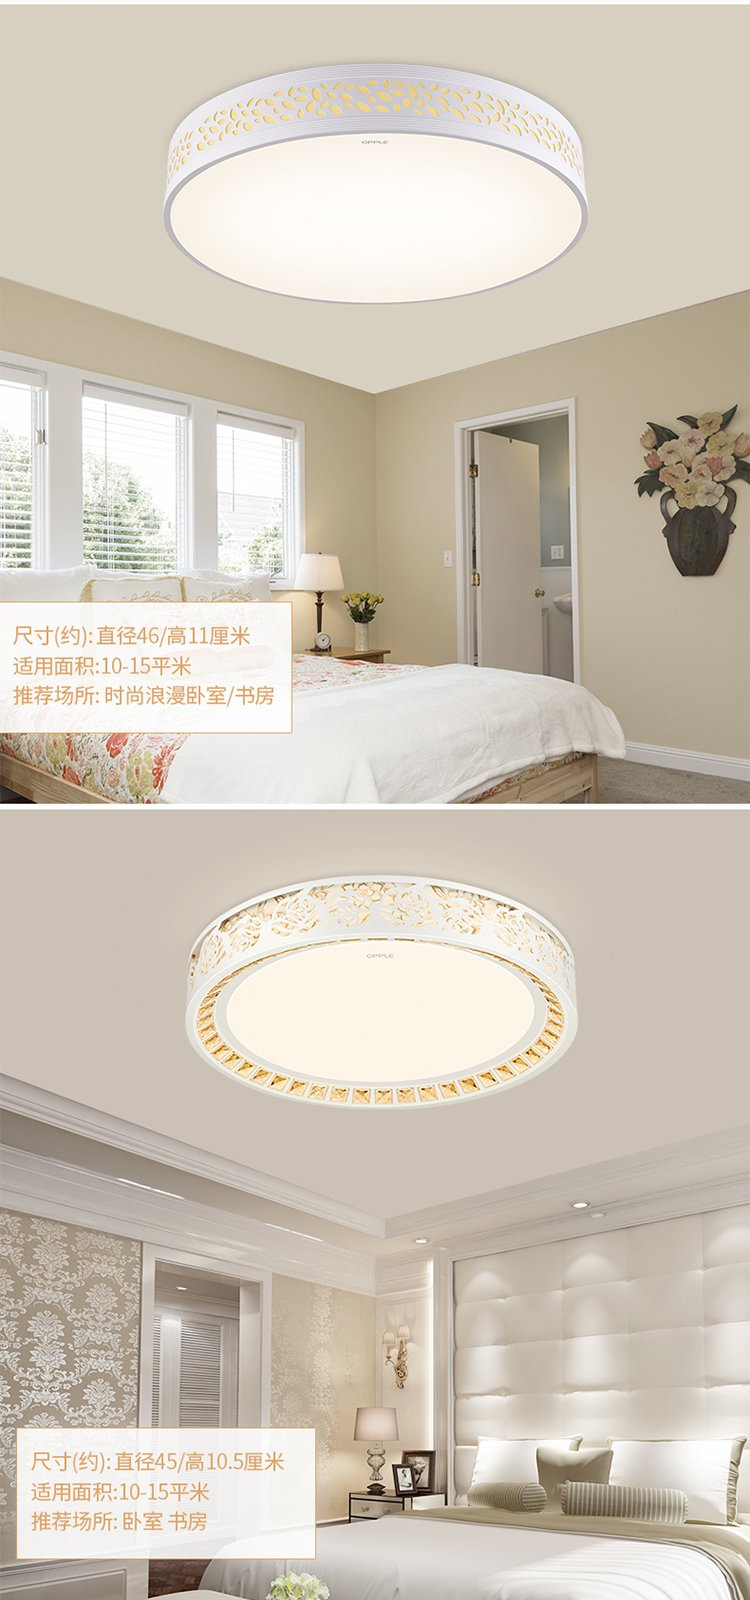 欧普照明客厅灯长方形led金色水晶灯 吸顶灯具欧式大气调光变色吸顶灯图片